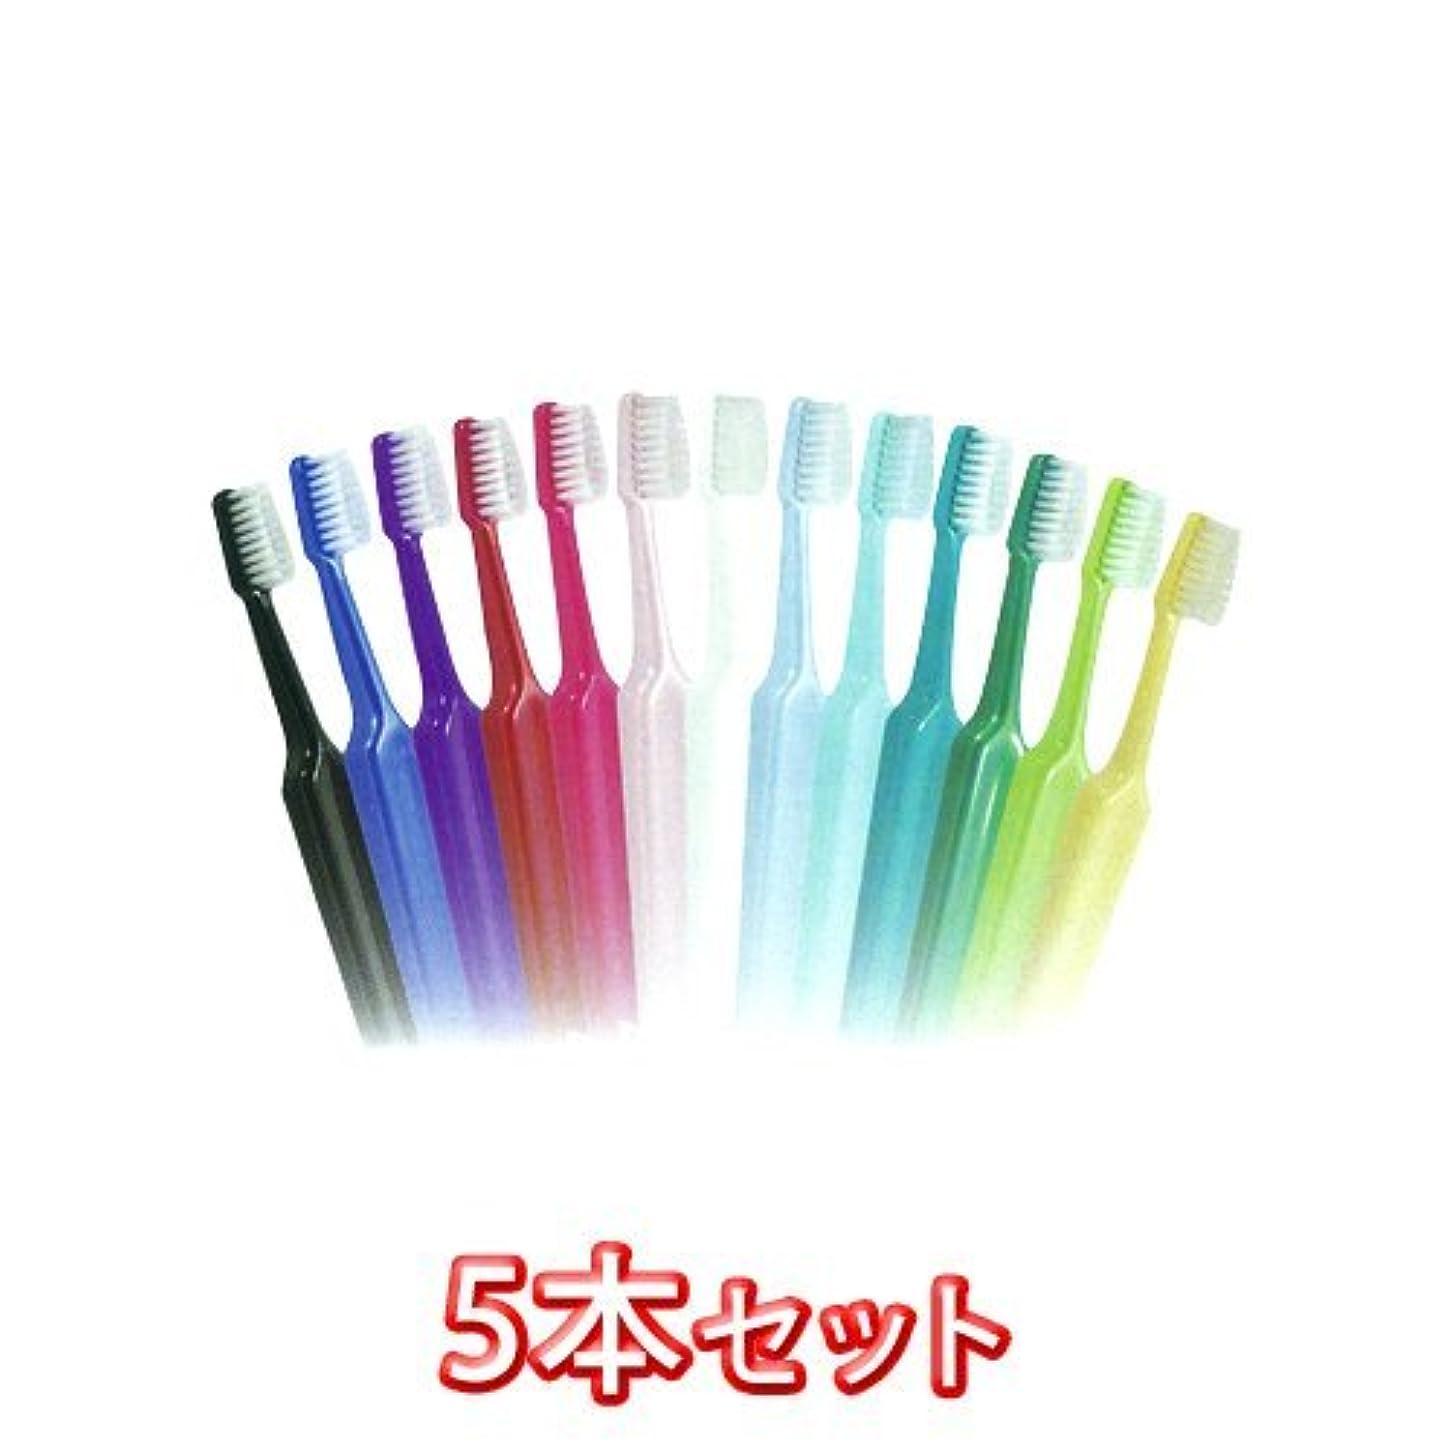 感性ぜいたく拍手クロスフィールド TePe テペセレクトコンパクト 歯ブラシ × 5本入 コンパクトソフト